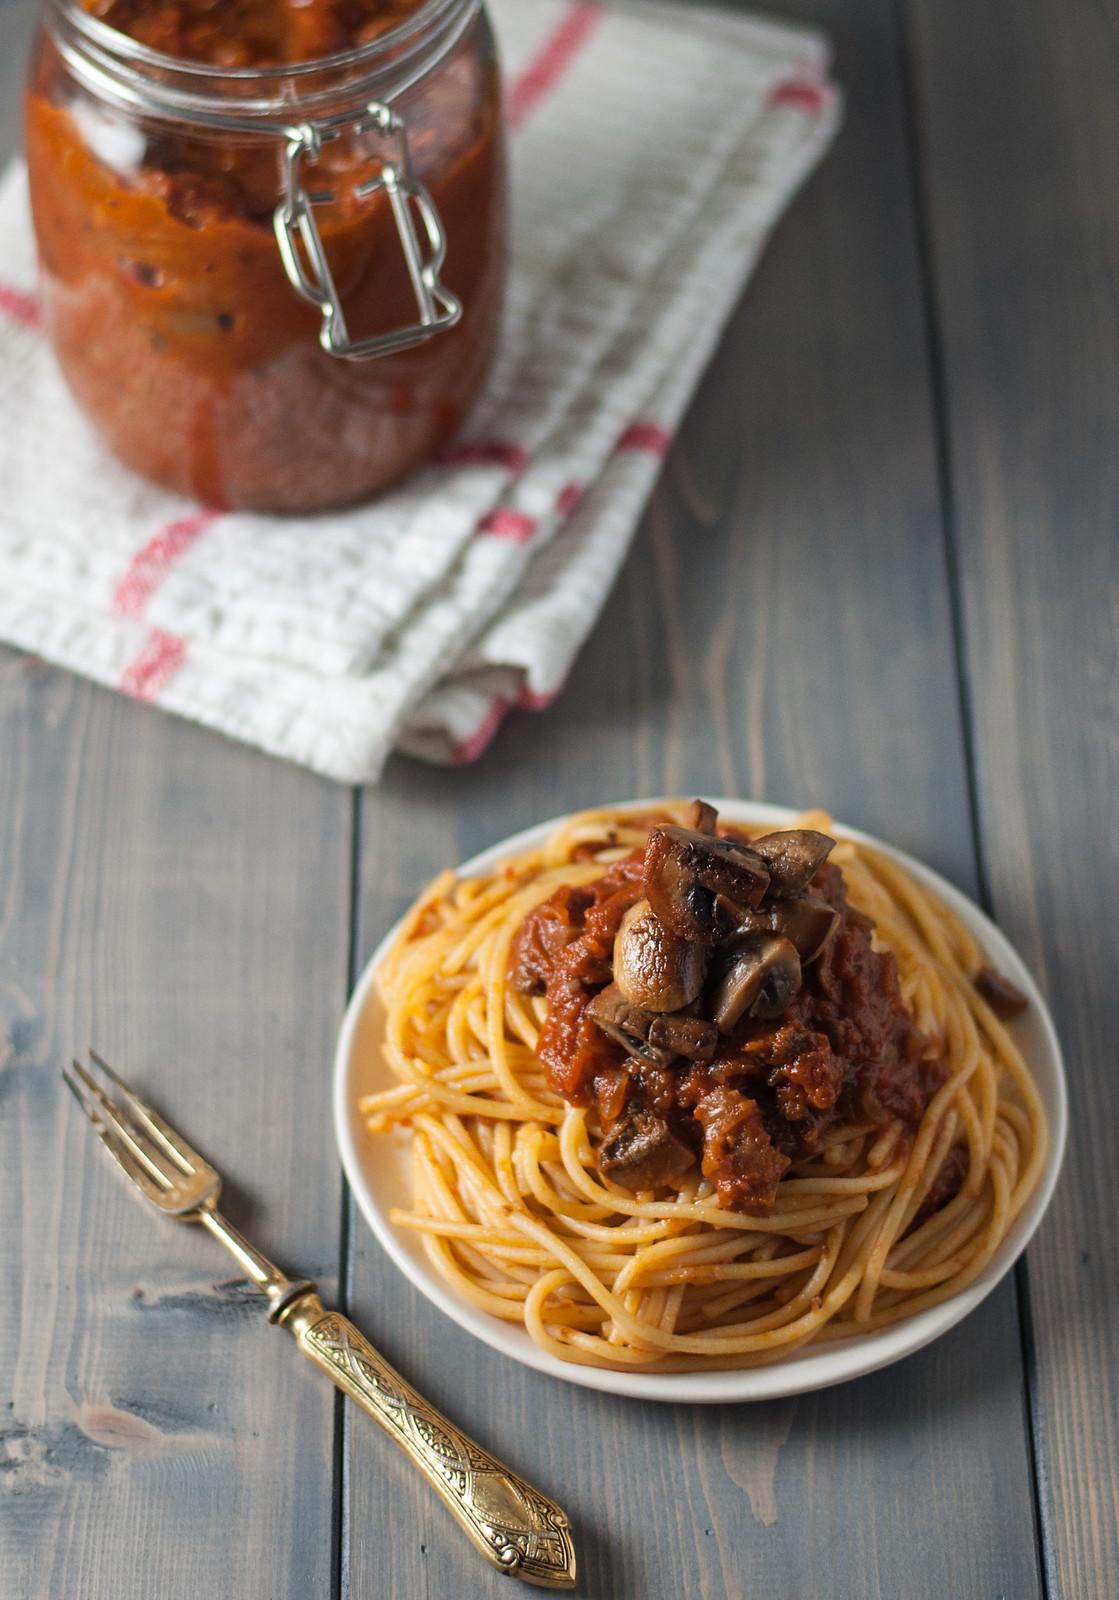 On top of spaghetti--is mushroom marinara!